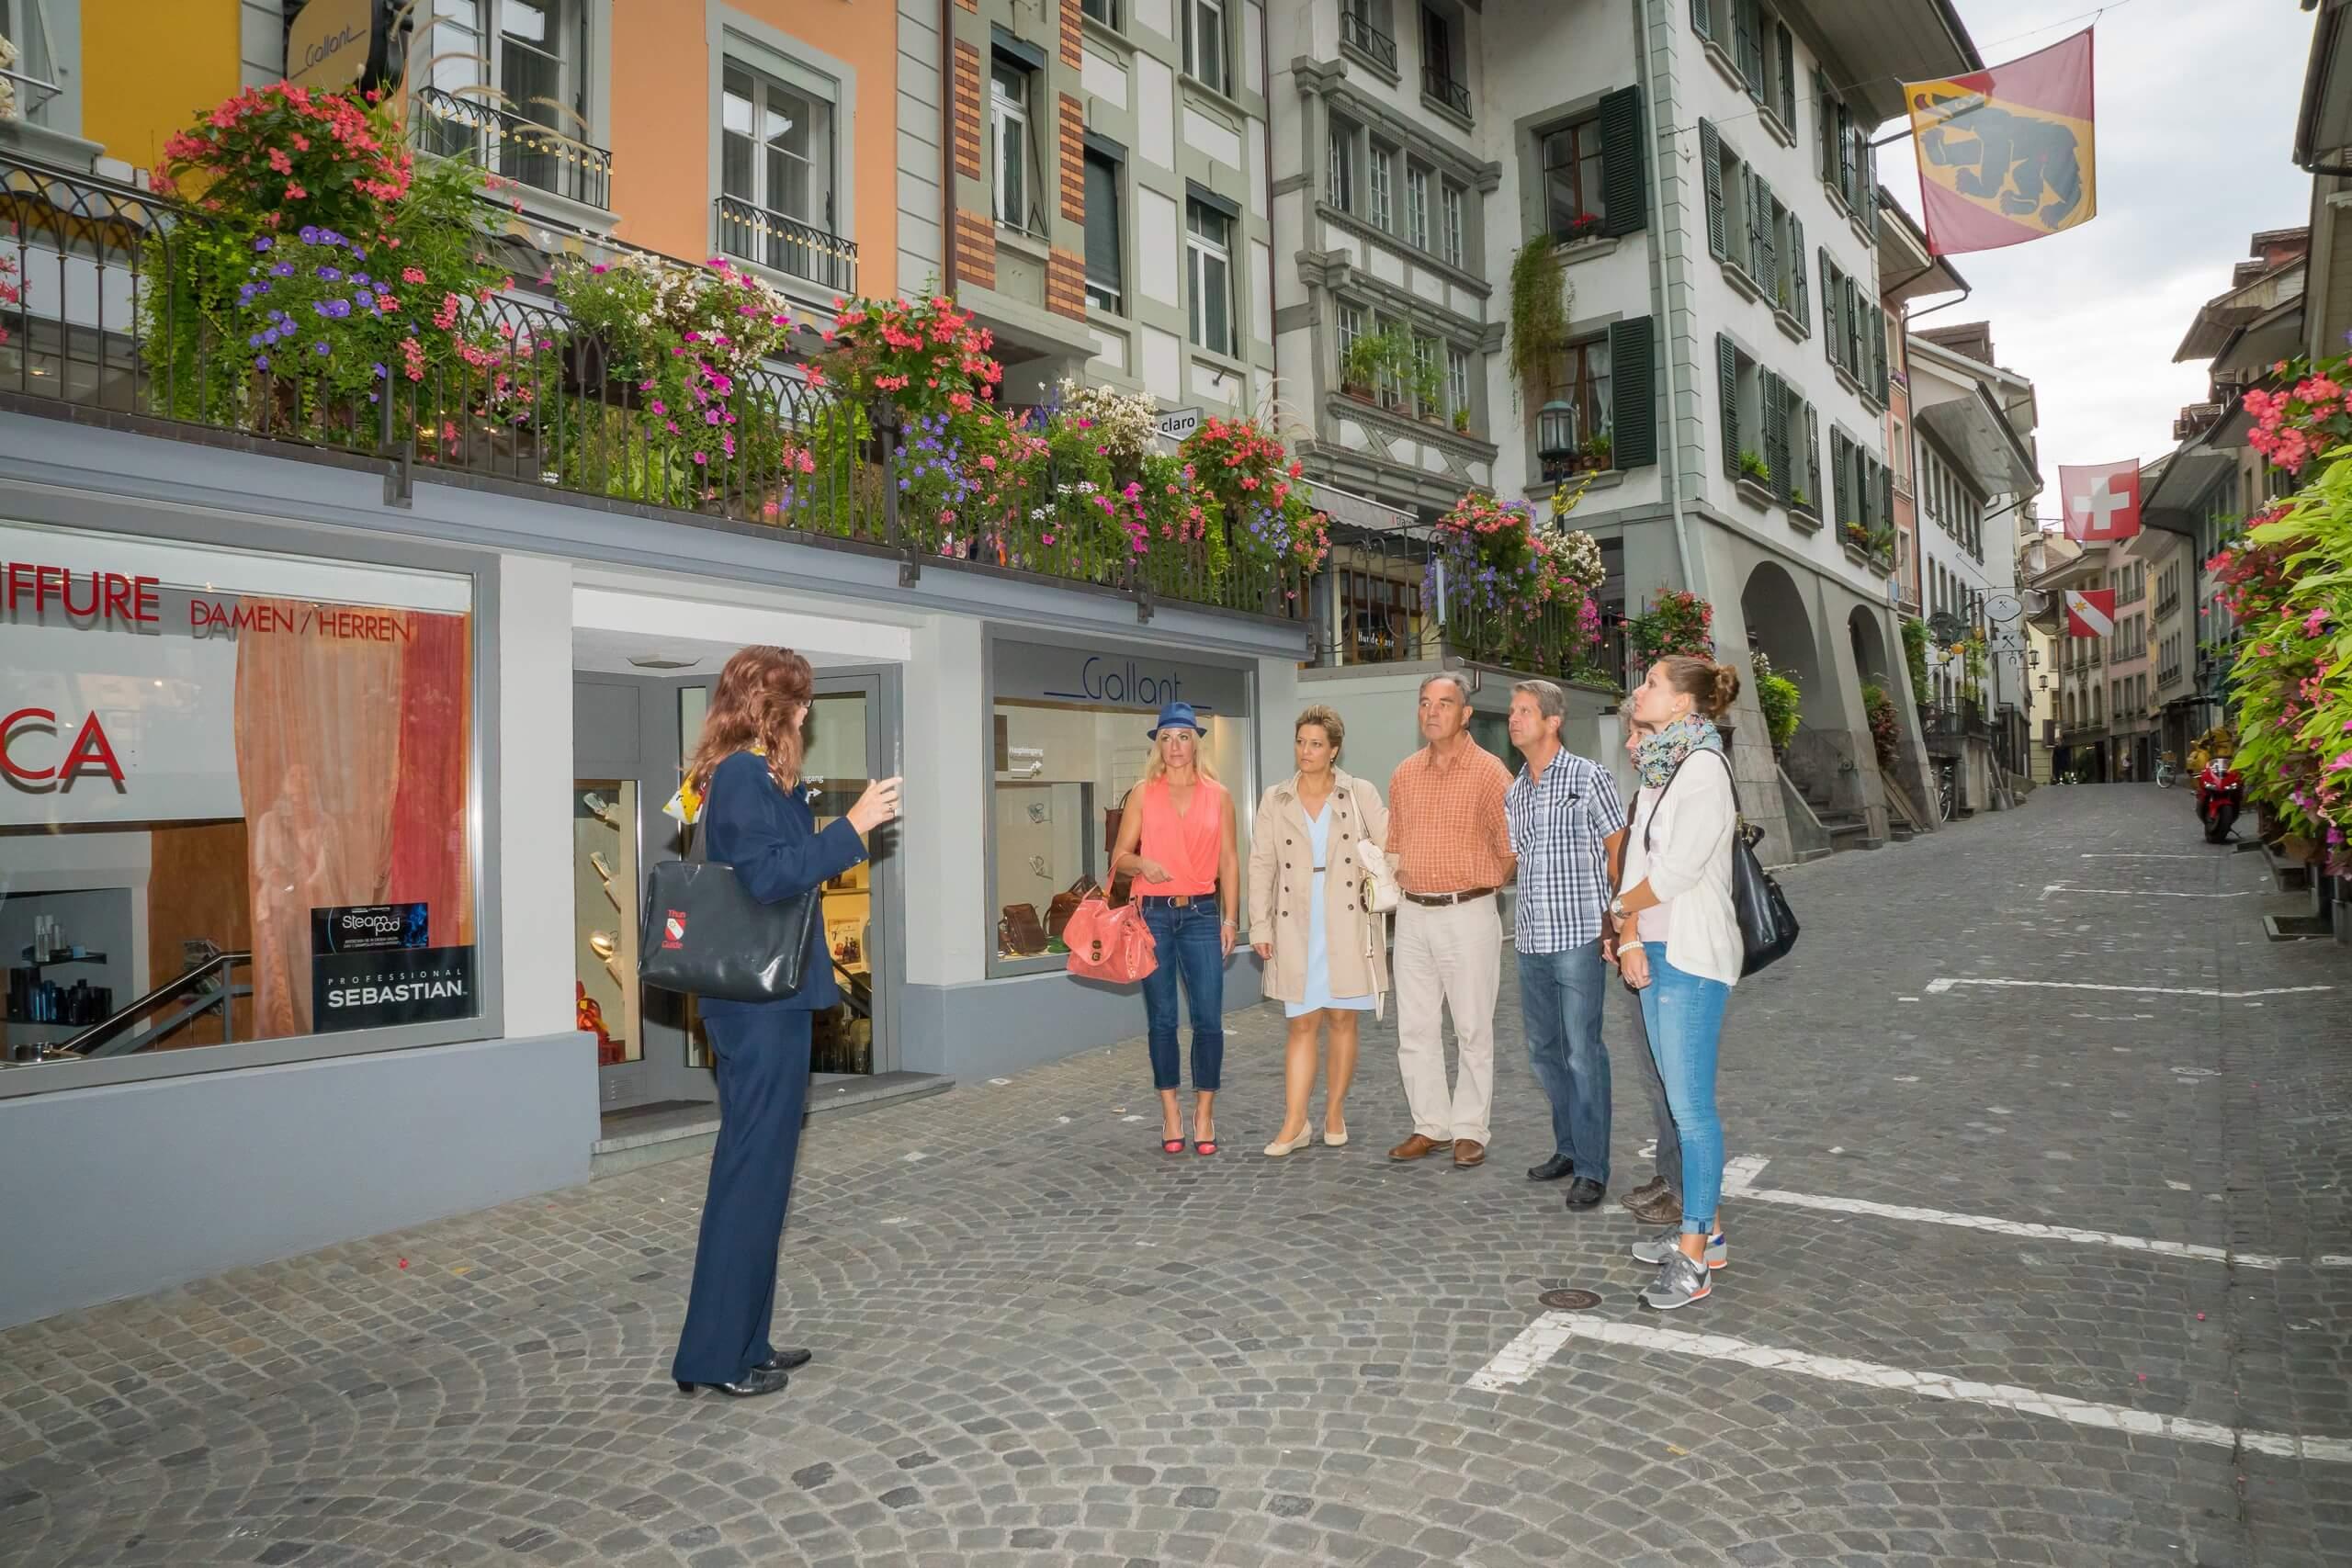 thun-stadtfuehrungen-sommer-obere-hauptgasse-gruppe